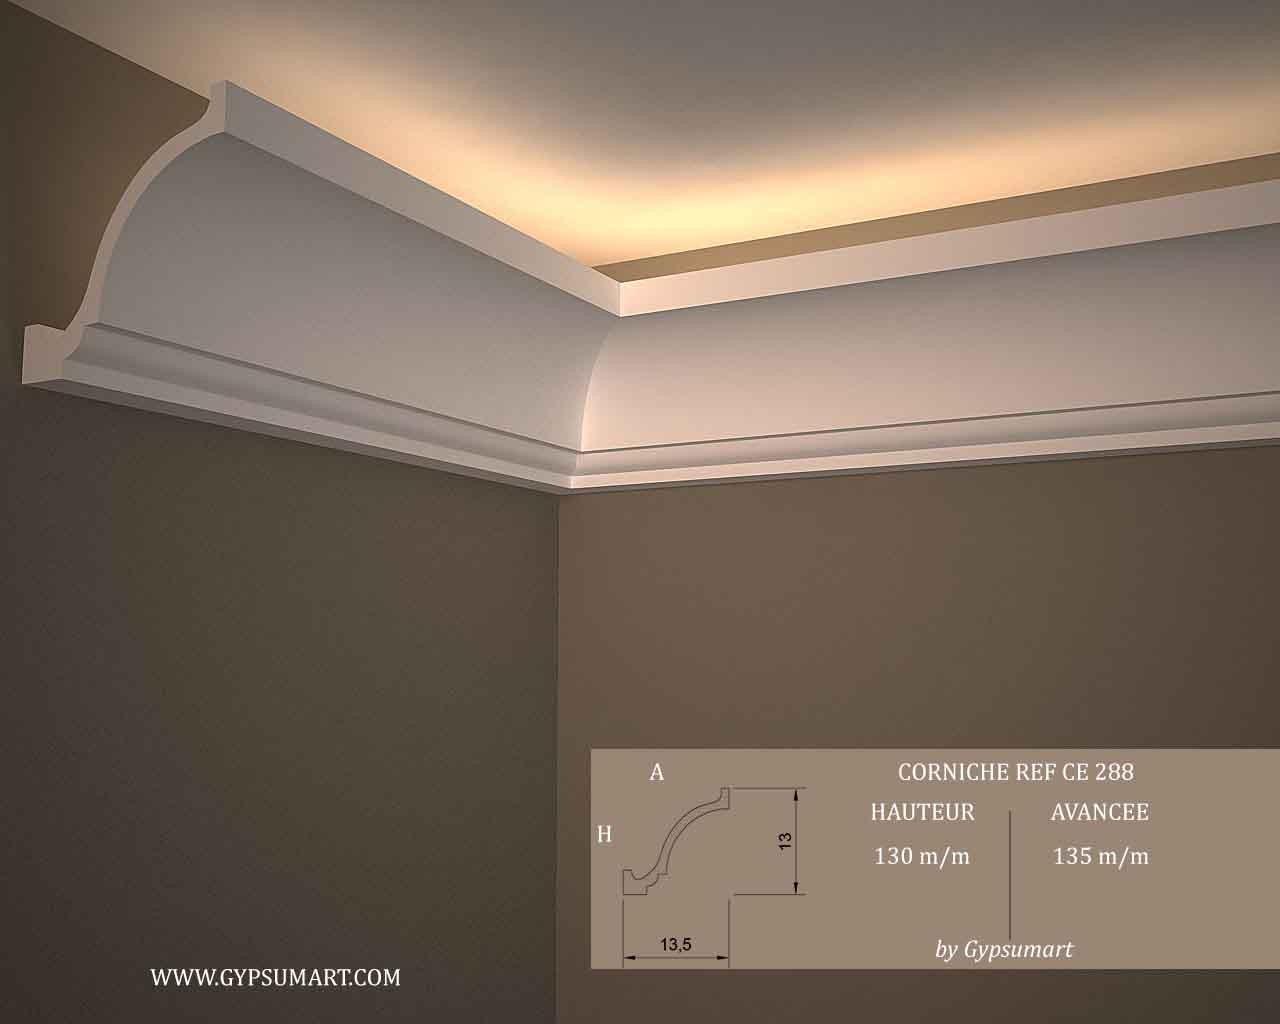 Décoration De Plafond En Platre concernant décoration murale et plafond | vente en ligne corniches, moulures